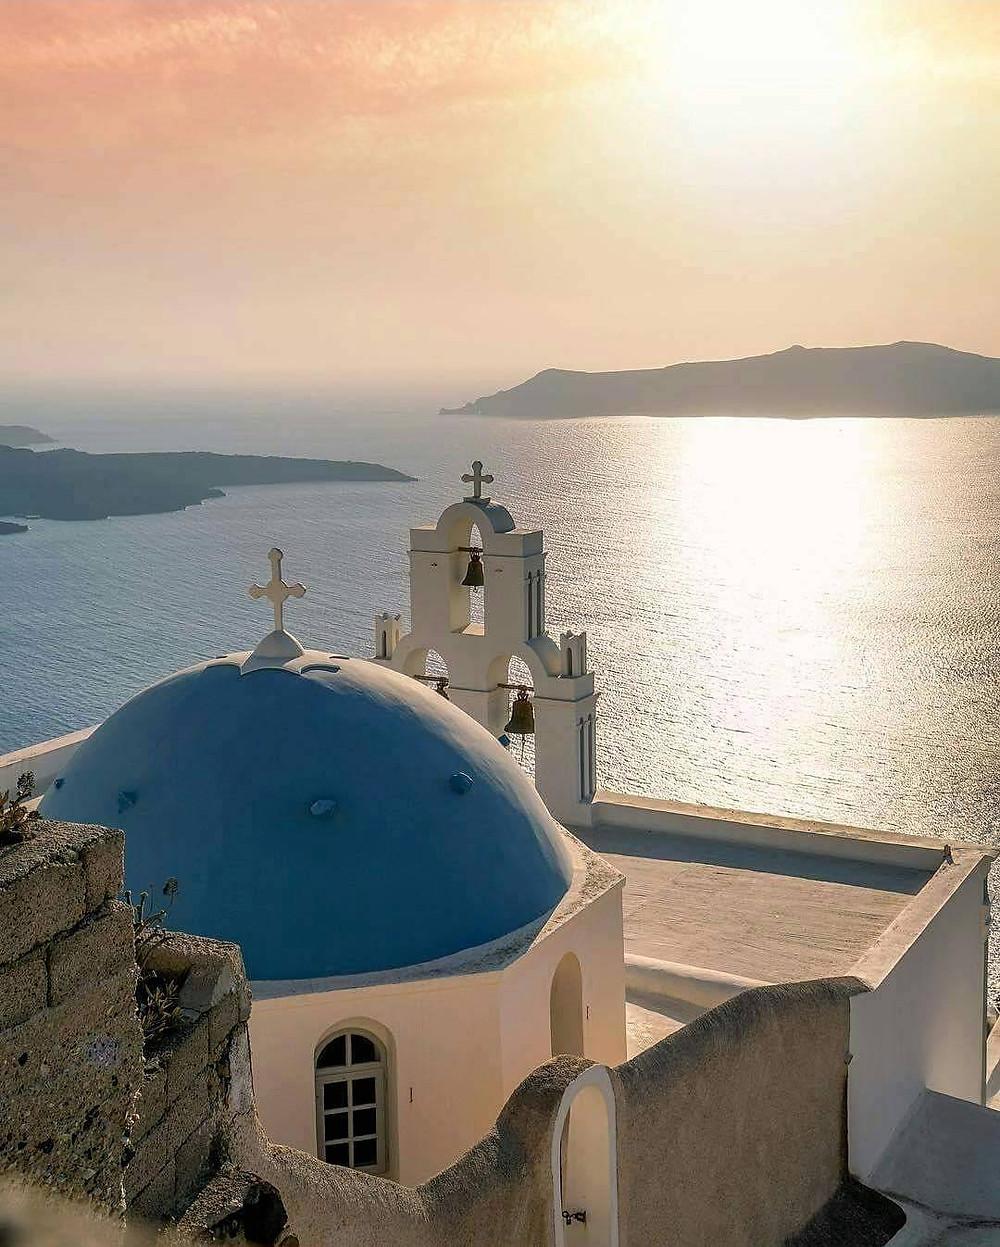 matrimonio a santorini chiesa con tetto blu al tramonto e vista mare